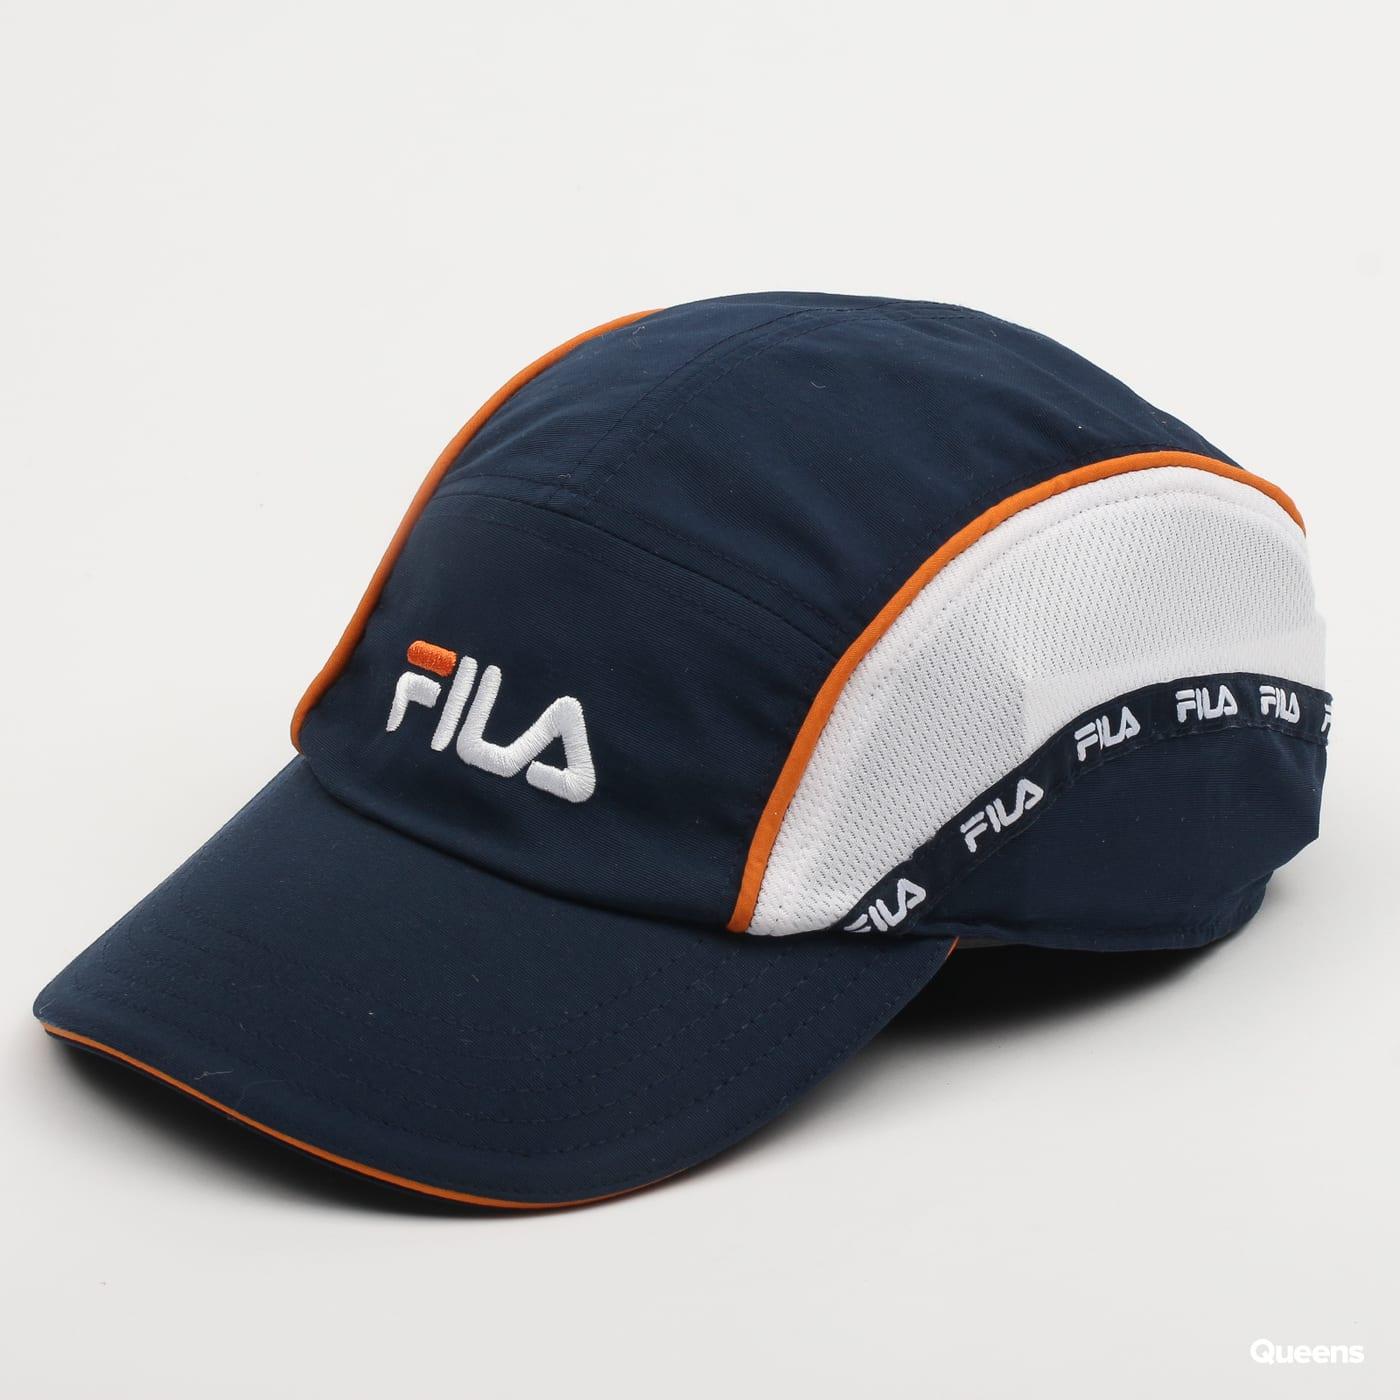 6d70f443ad91 Hat Fila Dad Cap Strap Back (686055 G13)– Queens 💚